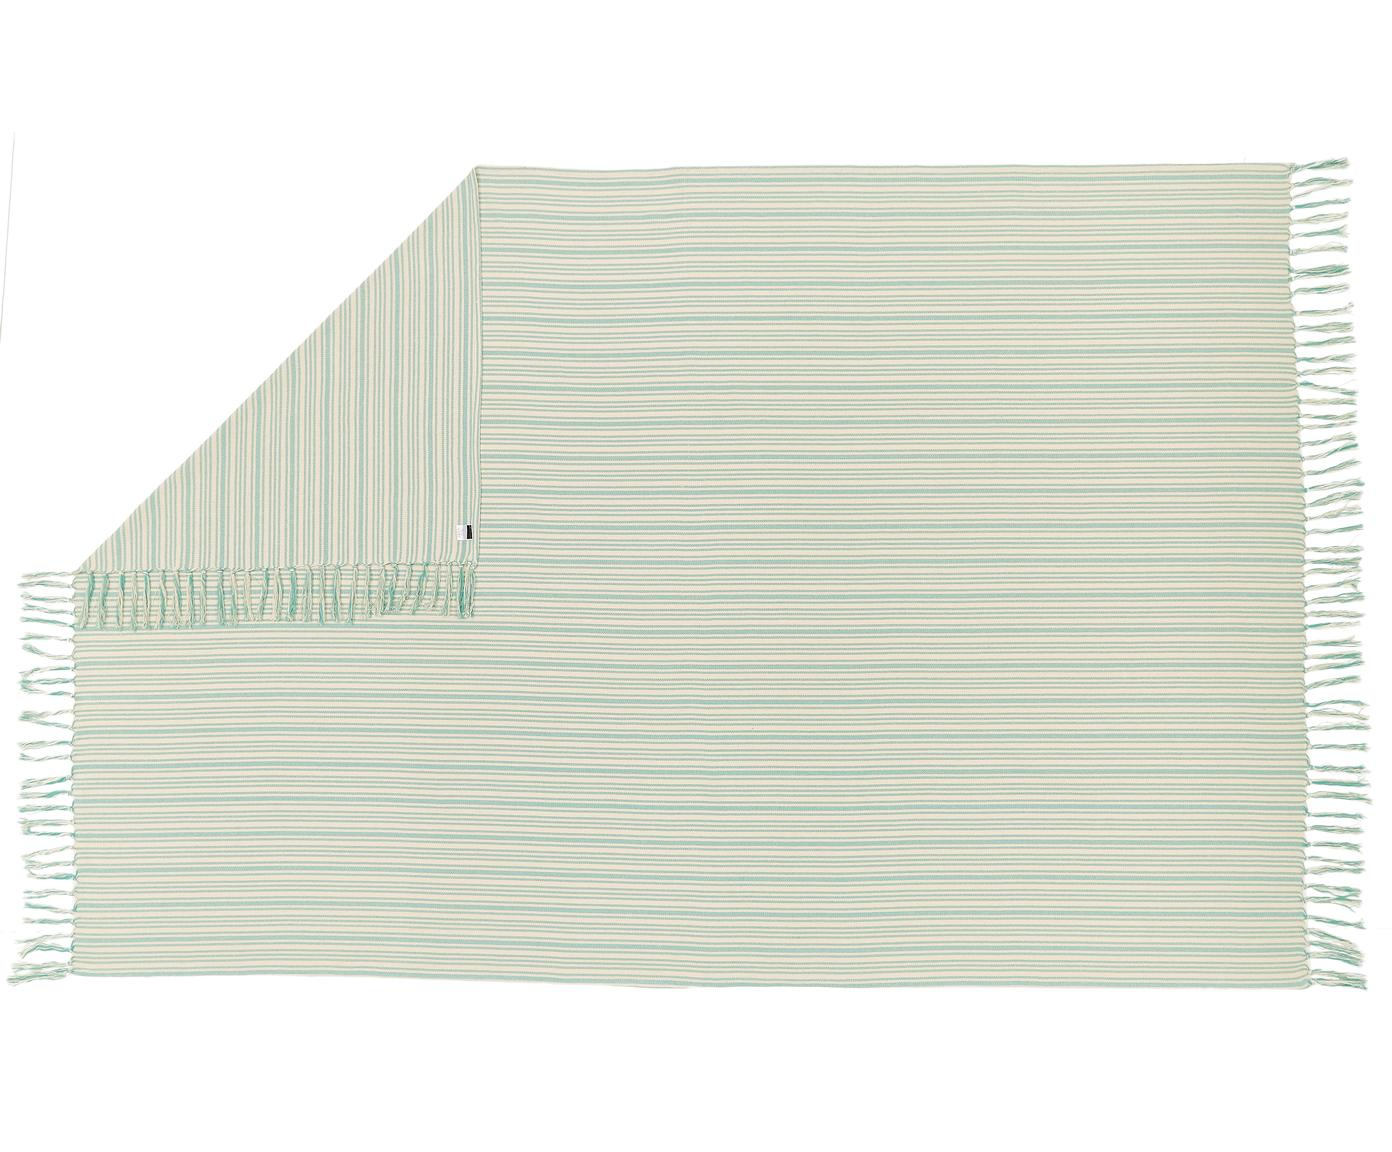 Narzuta z frędzlami Puket, Bawełna, Turkusowy, złamana biel, S 180 x D 260 cm